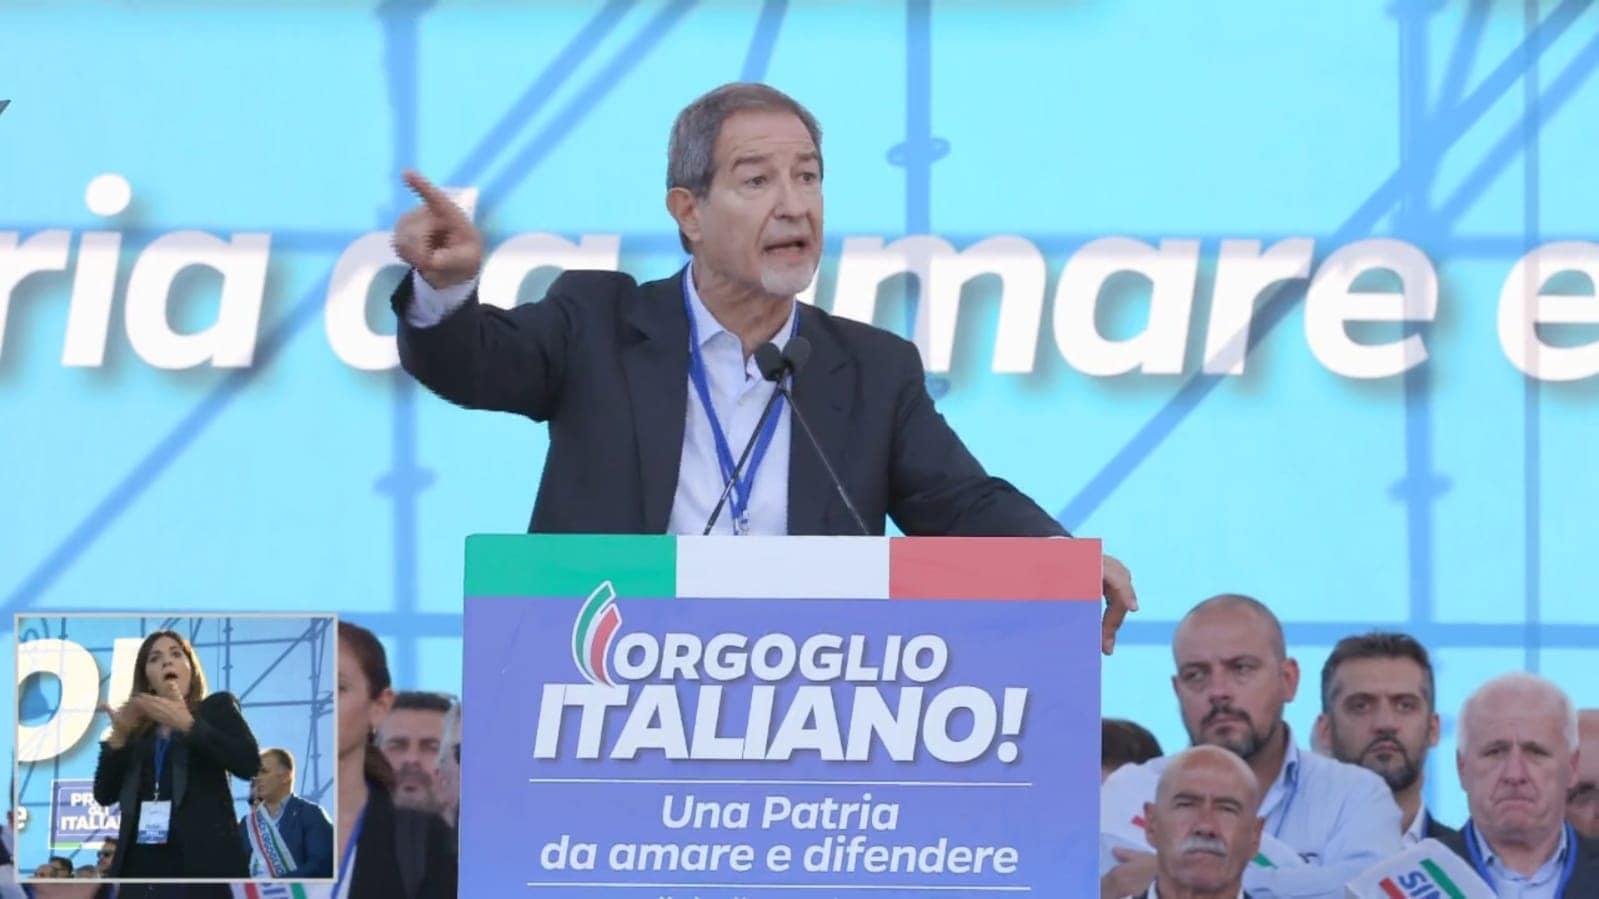 """Musumeci a Roma richiama il centrodestra all'unità: """"Guardiamo al futuro con rinnovata fiducia e senso di responsabilità"""""""